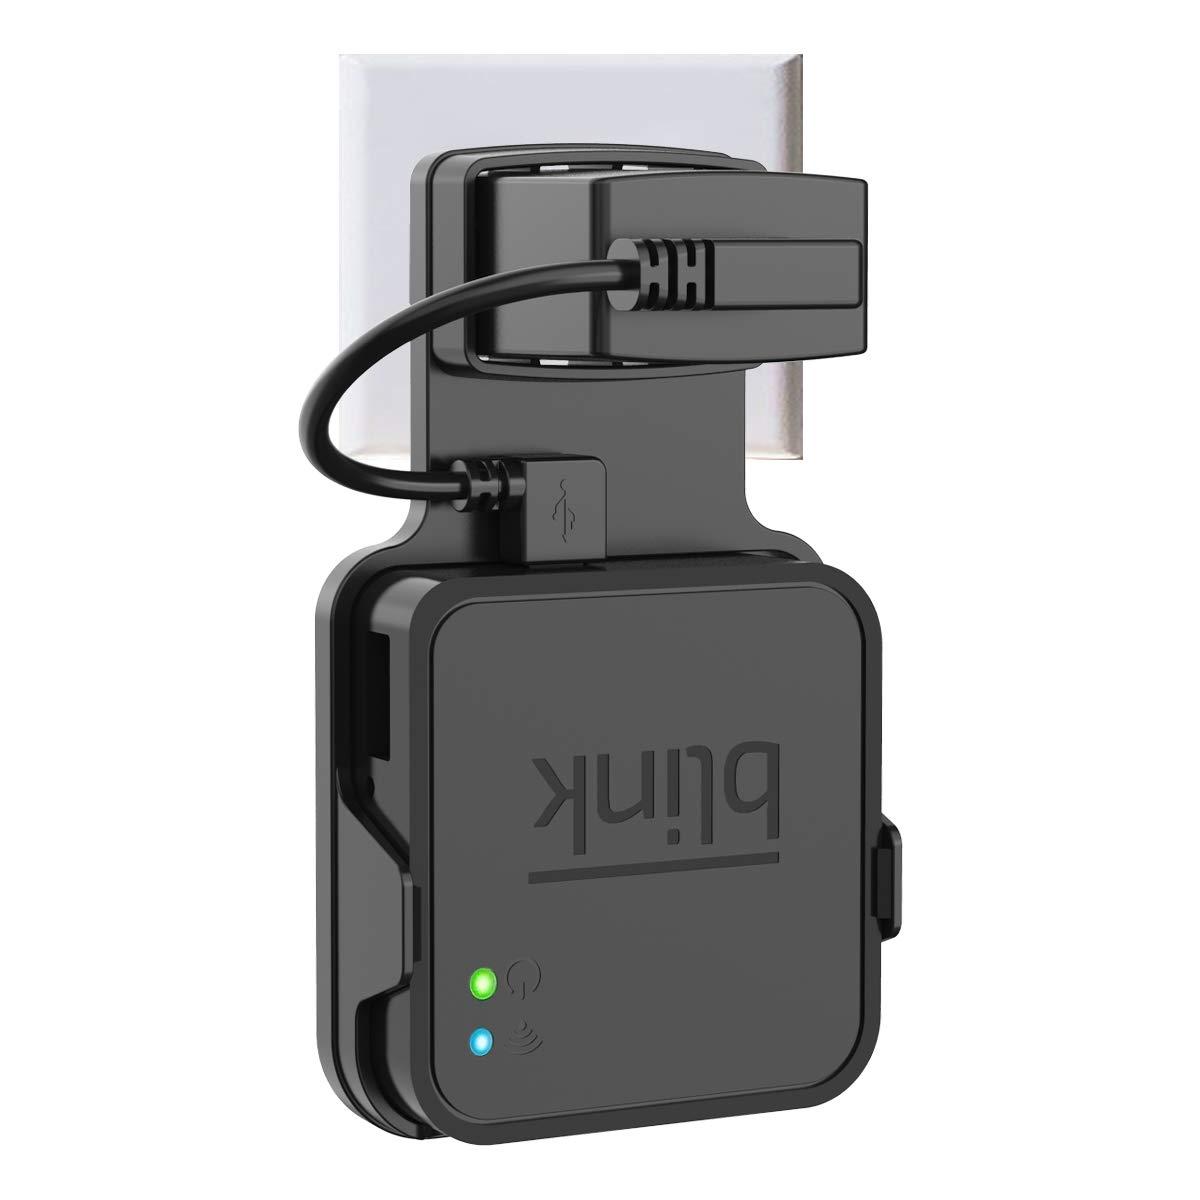 Wigoo Wandhalterung f/ür Blink Sync Modul Halterung Schutzh/ülle St/änder Router Guard mit Ladekabel kompatibel Blink XT au/ßenbereich und Innenbereich Wei/ß